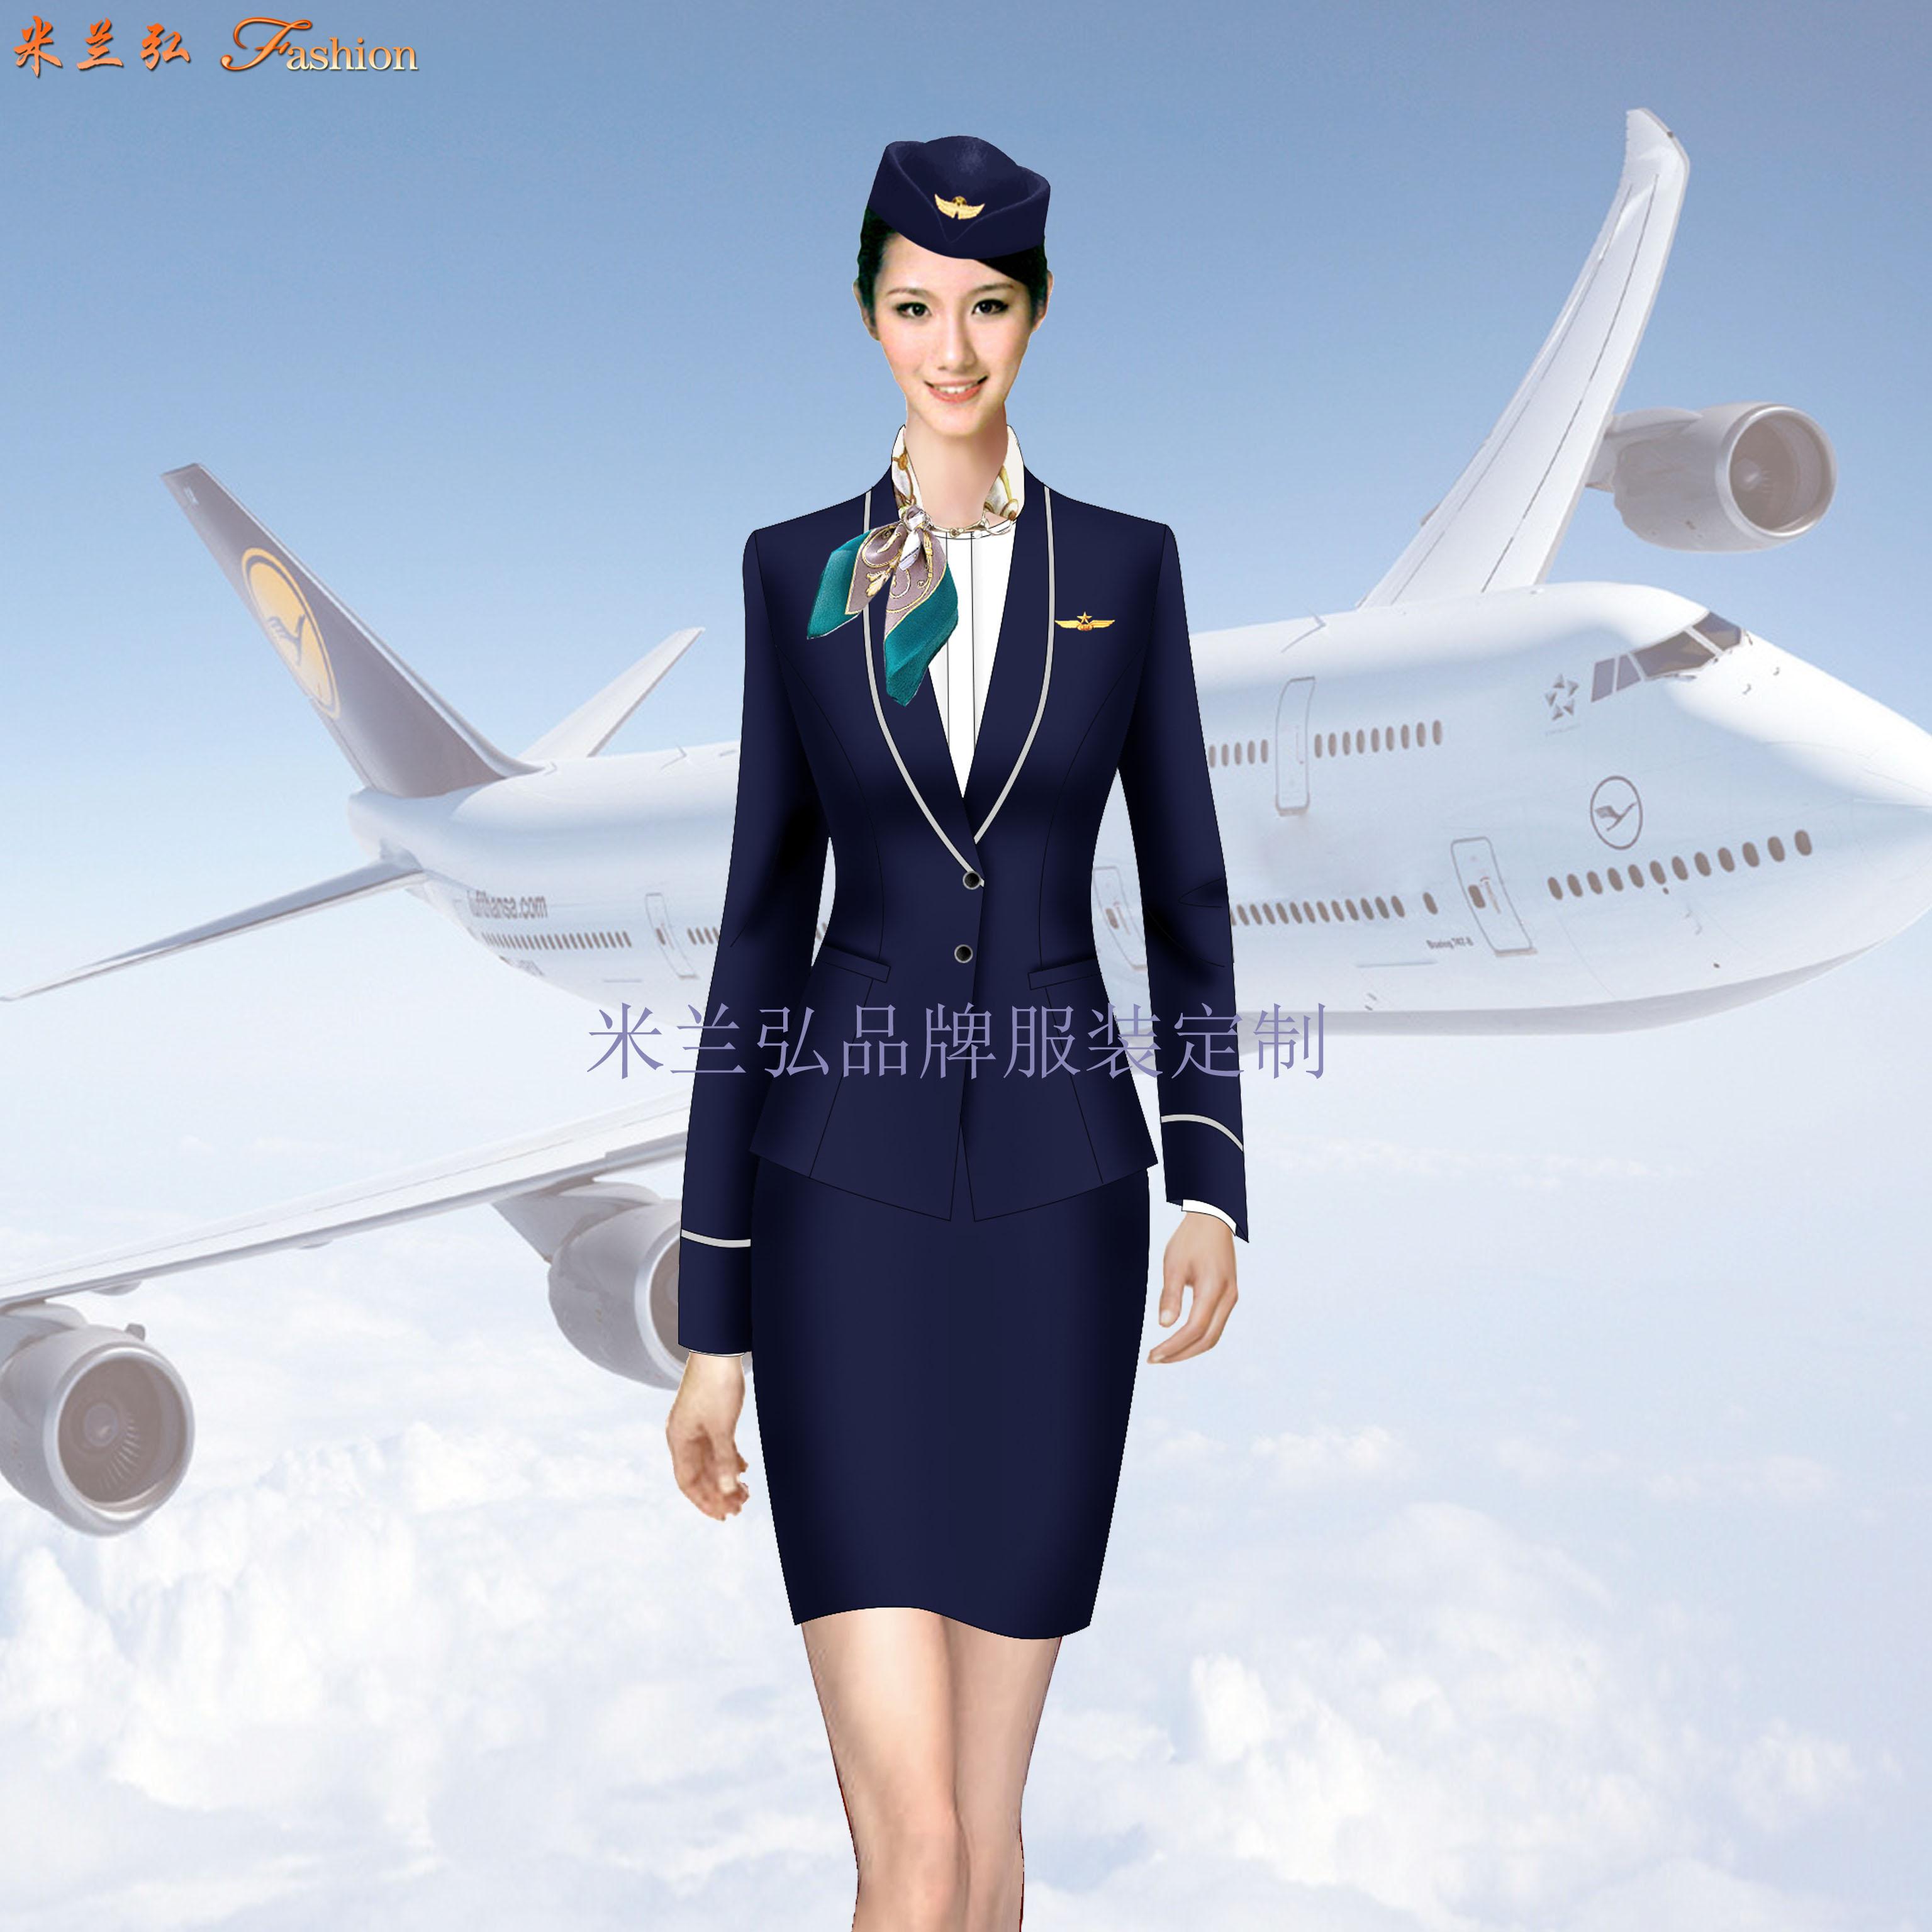 貴州空姐服定製-畢節機場機務服定做-湖北快3廠家-4